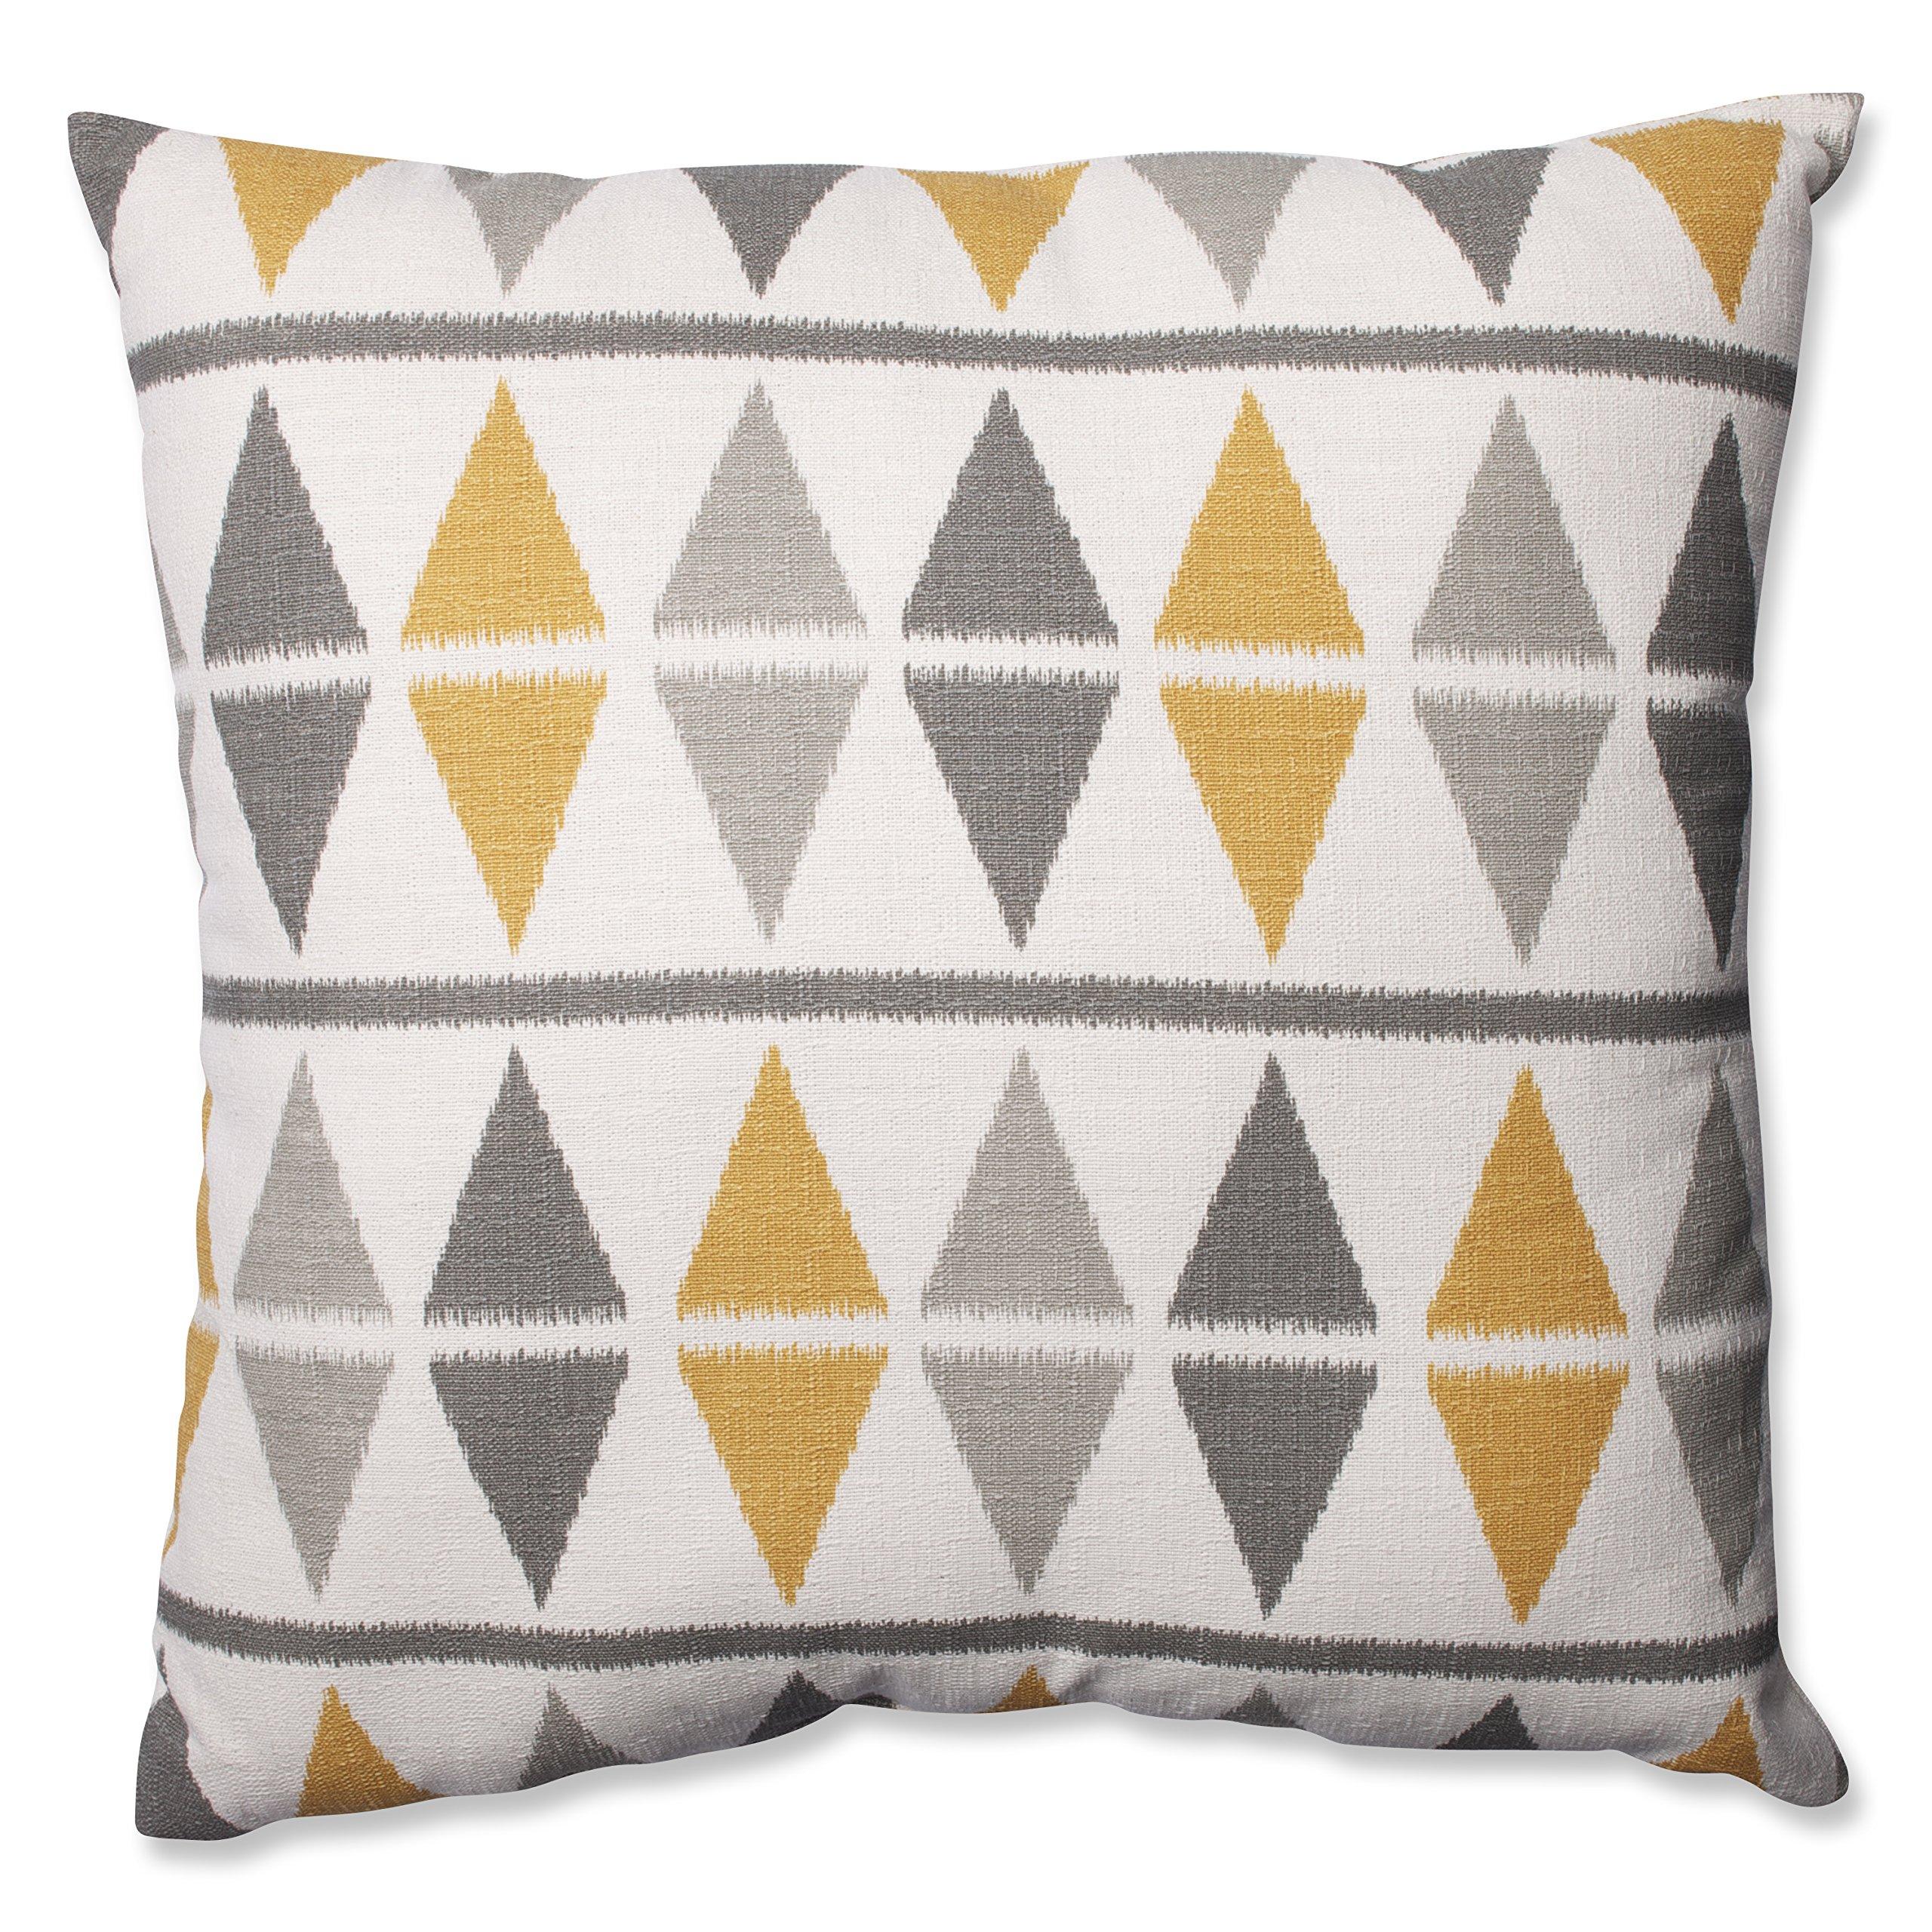 Pillow Perfect Ikat Argyle Floor Pillow, 24.5-Inch, Birch